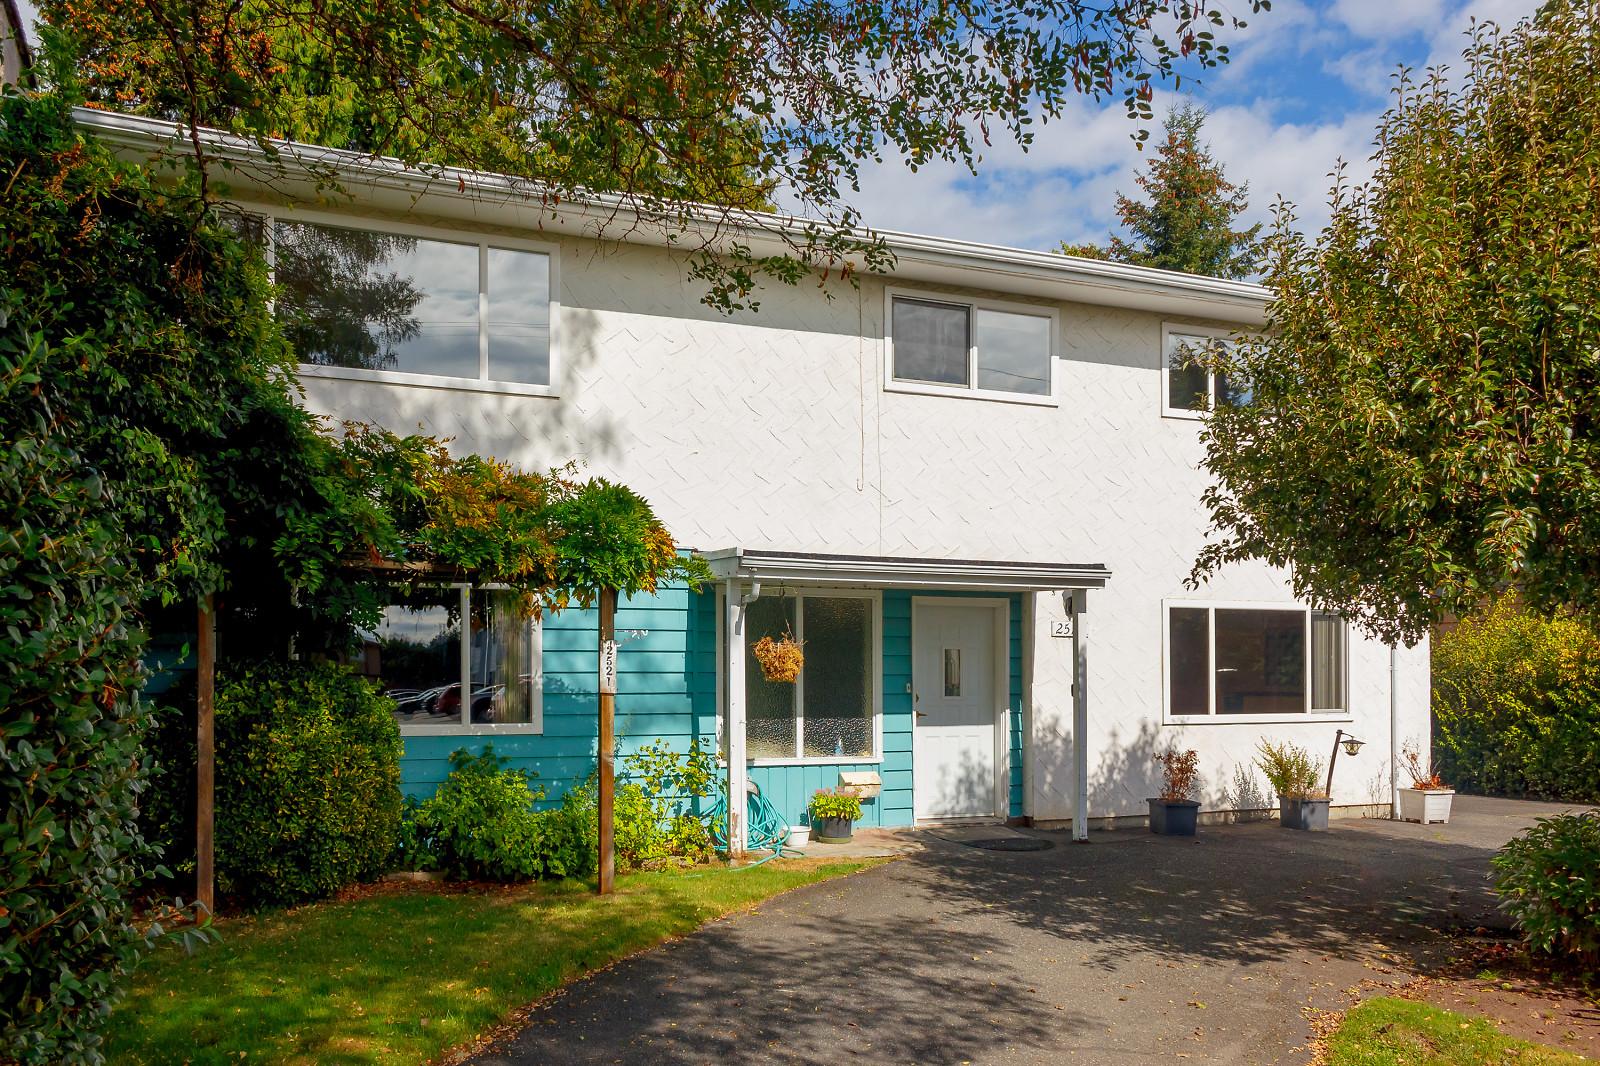 2521 Lewis St, duncan, British Columbia